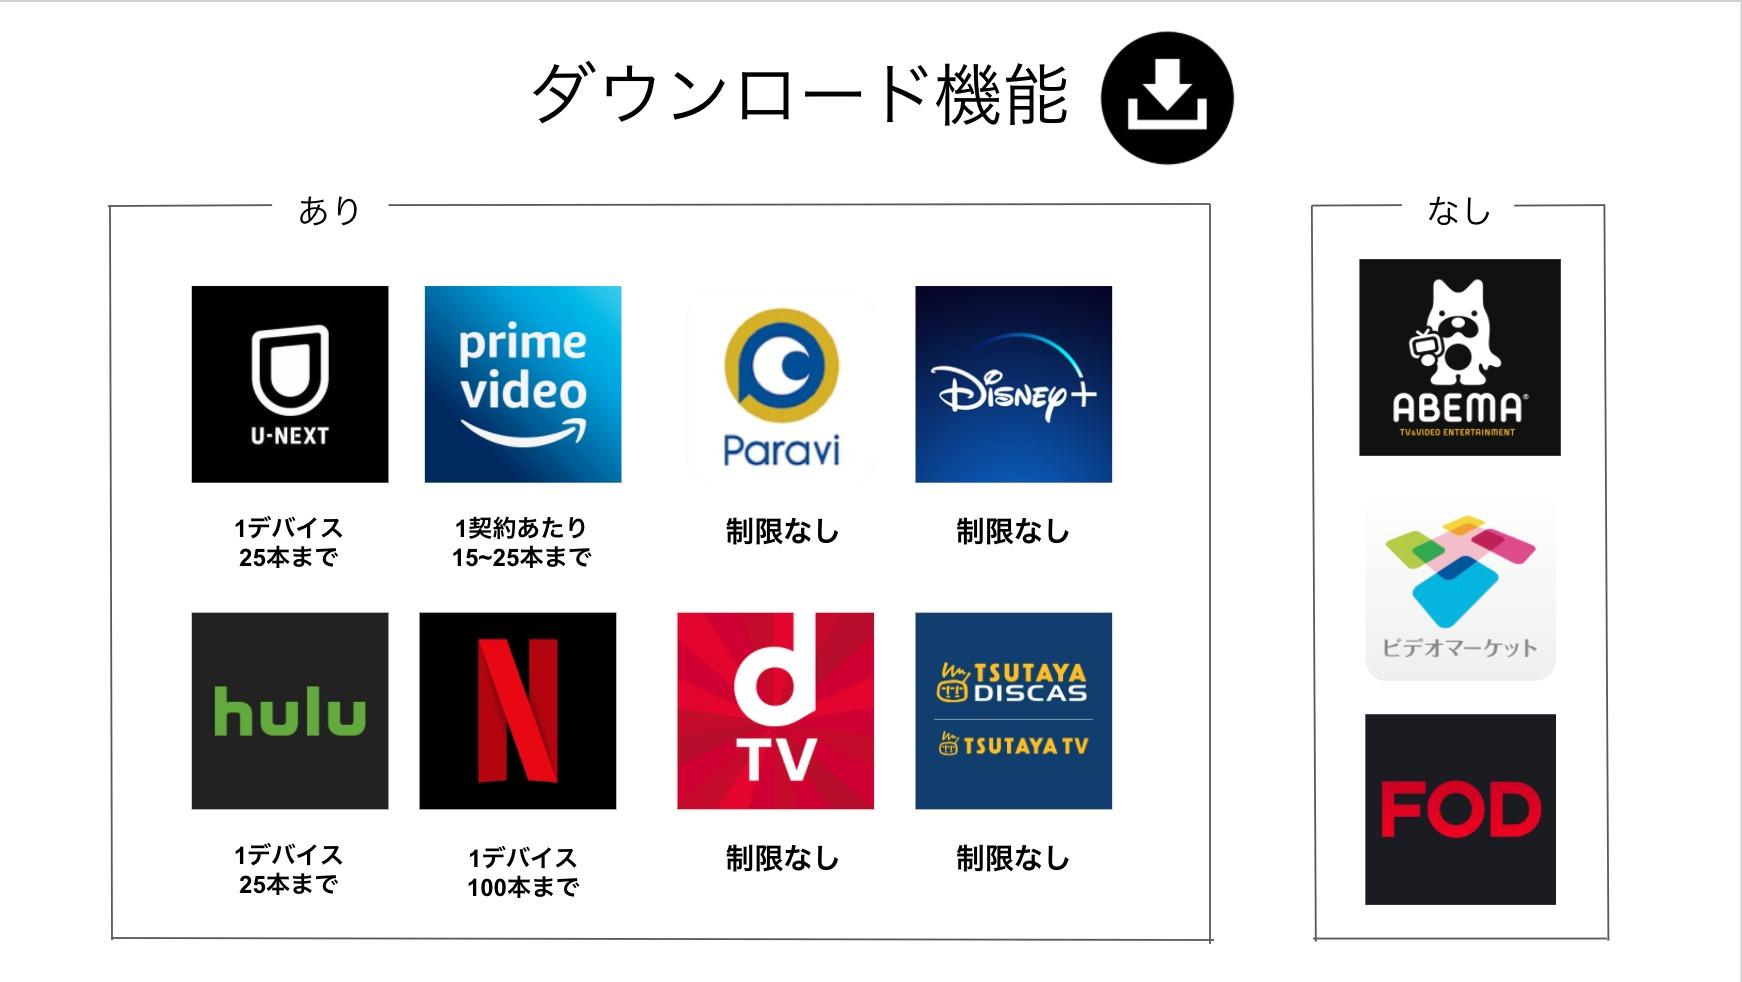 VODのダウンロード機能比較表